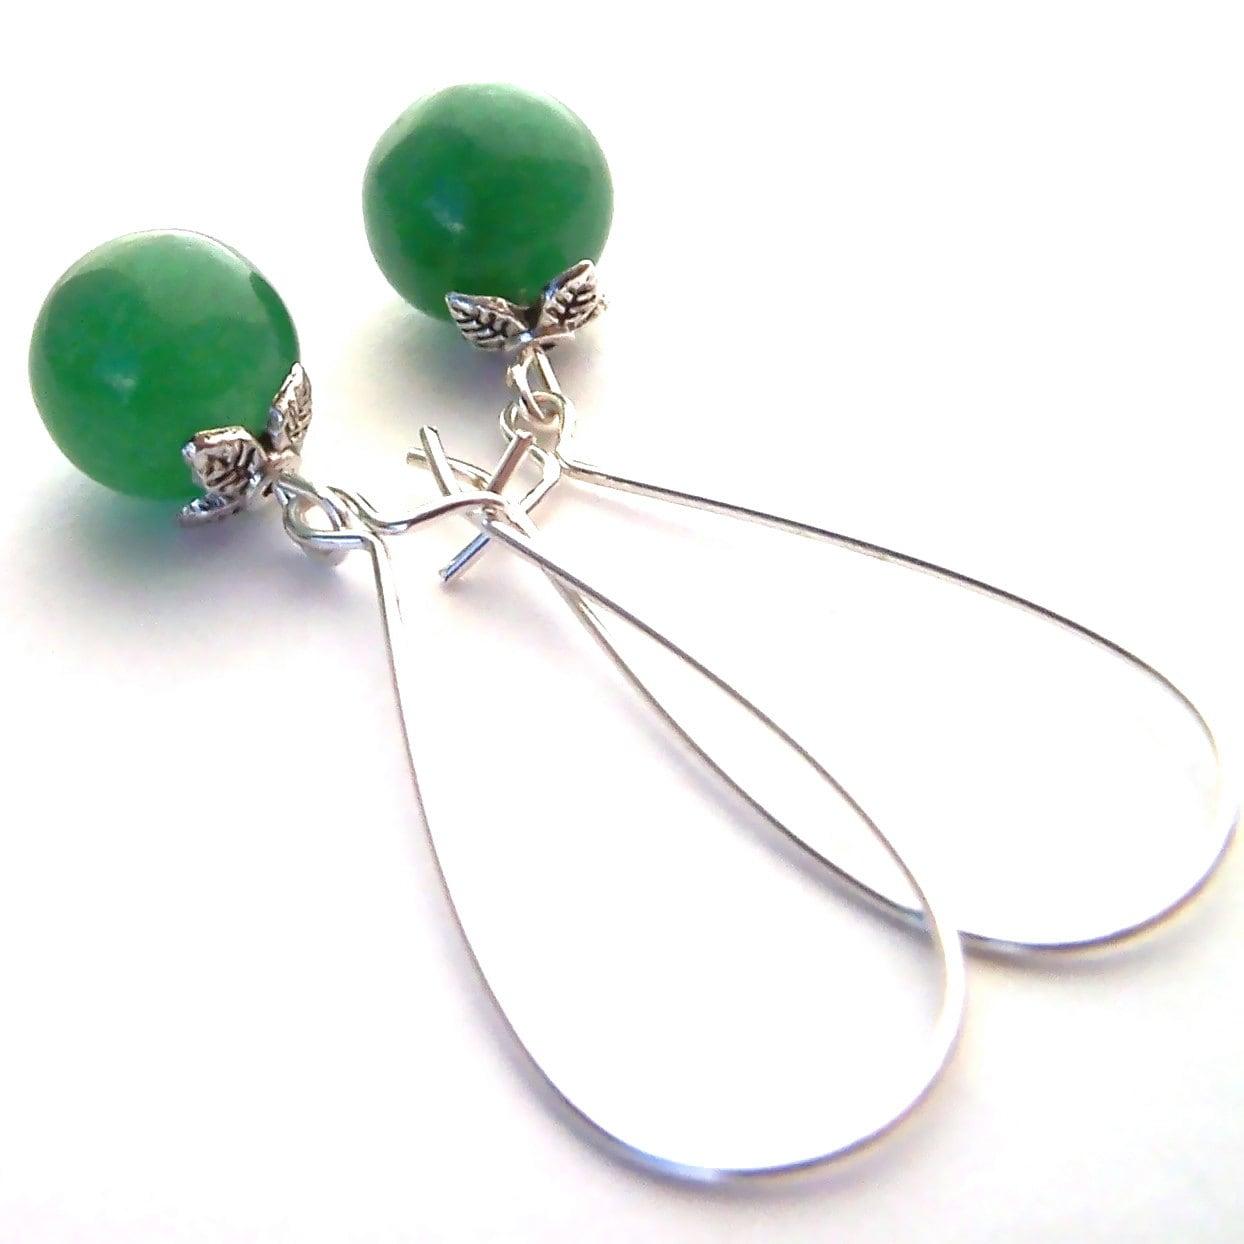 Green Drop Earrings, Spring Jewelry, Jade or Kelly Green, Glass Bead Long Dangle Earrings